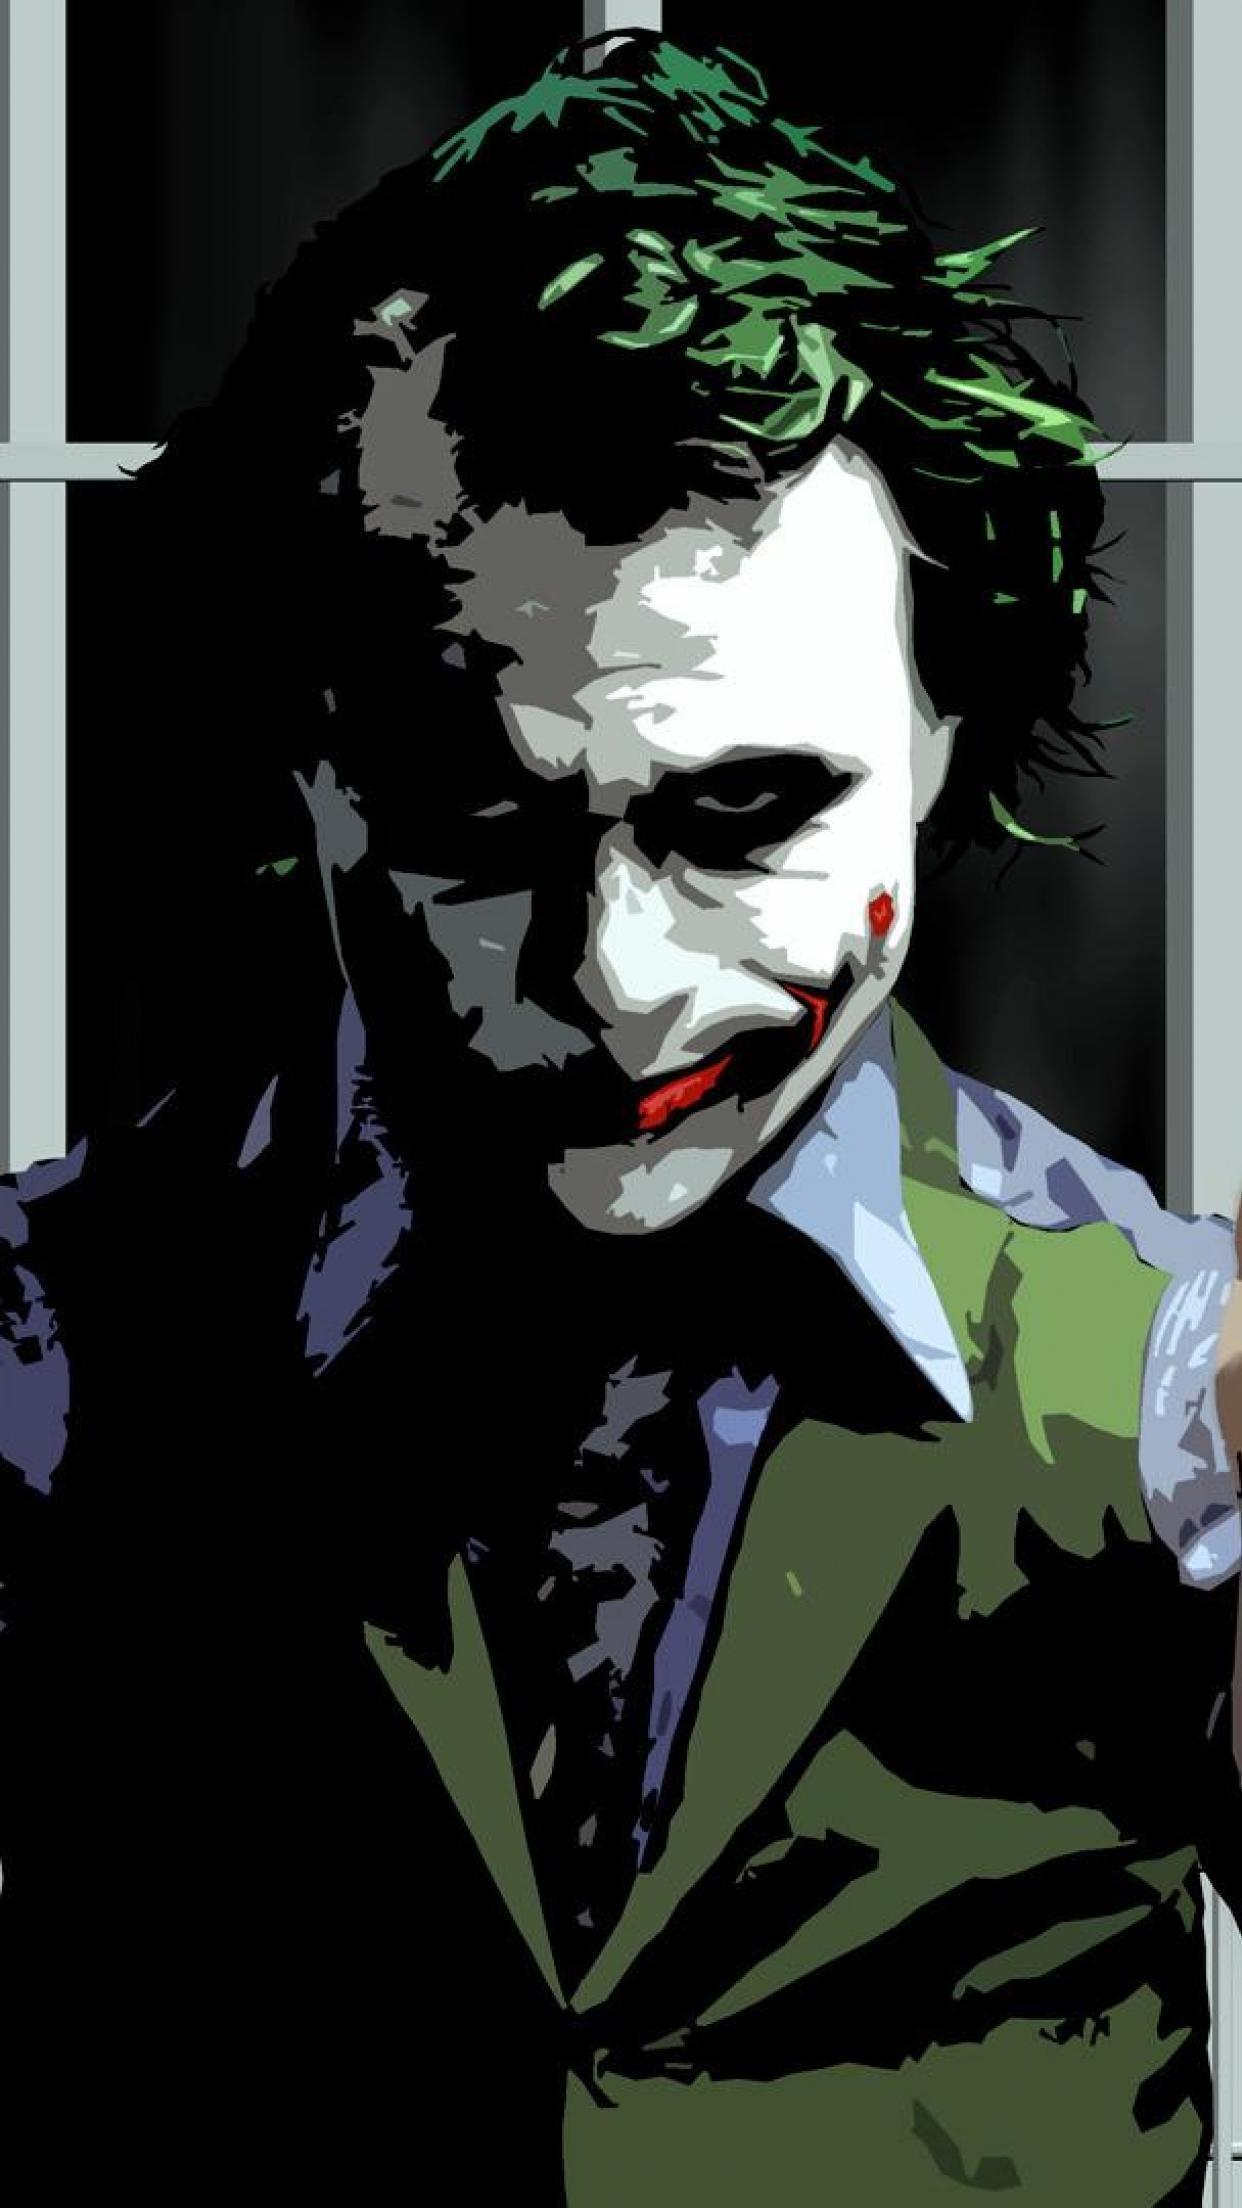 The Joker, Ledger – MTG – Sleeves | Trading Card Sleeve Designs | Pinterest  | Joker ledger, Mtg sleeves and Trading card sleeves